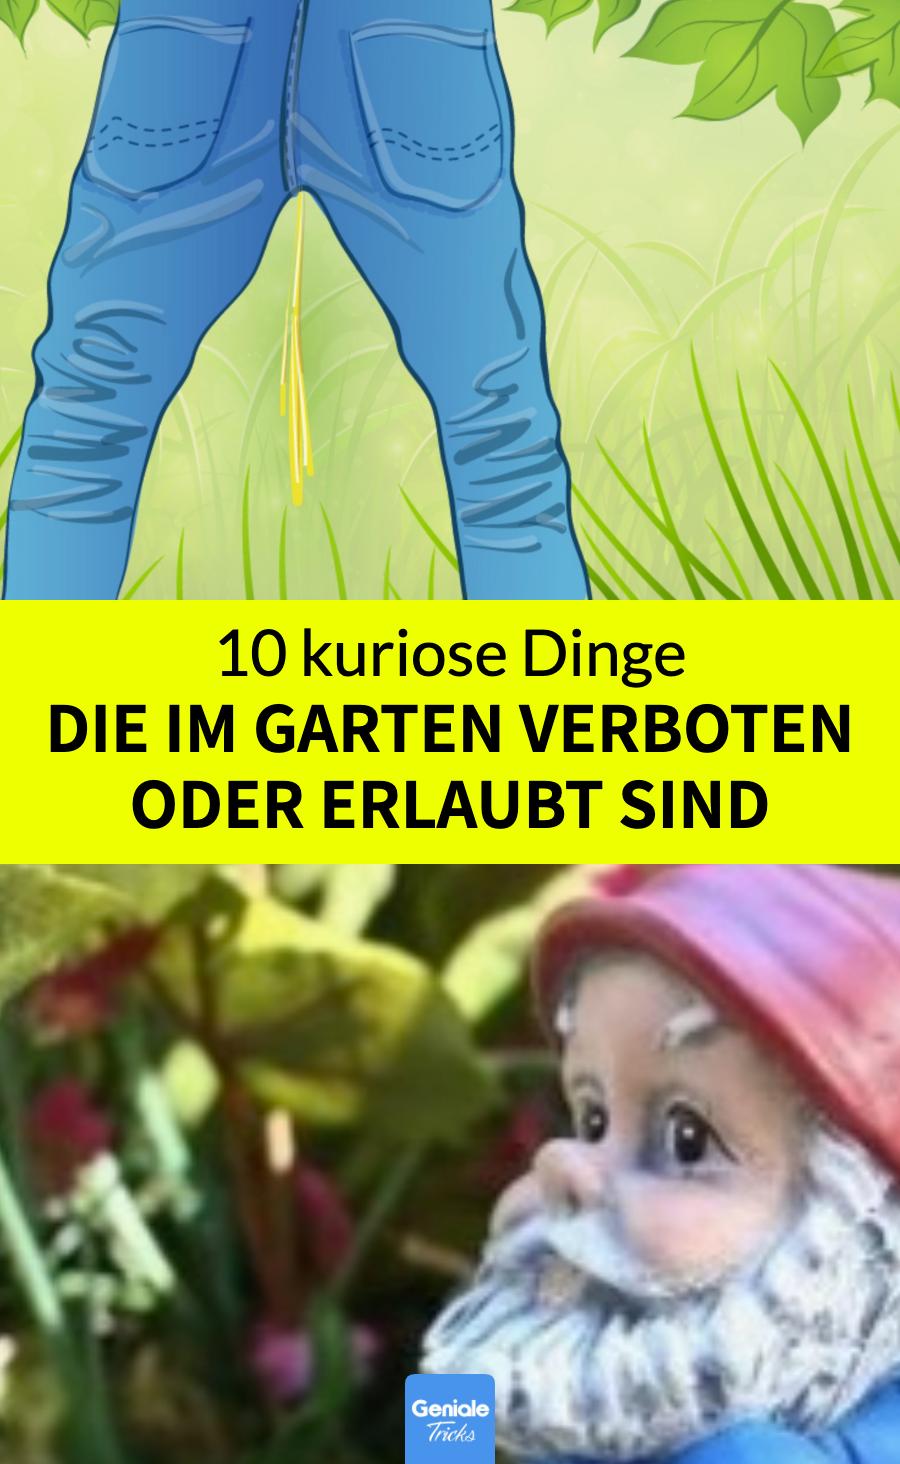 10 Dinge, die unerwarteterweise im Garten verboten oder erlaubt sind.